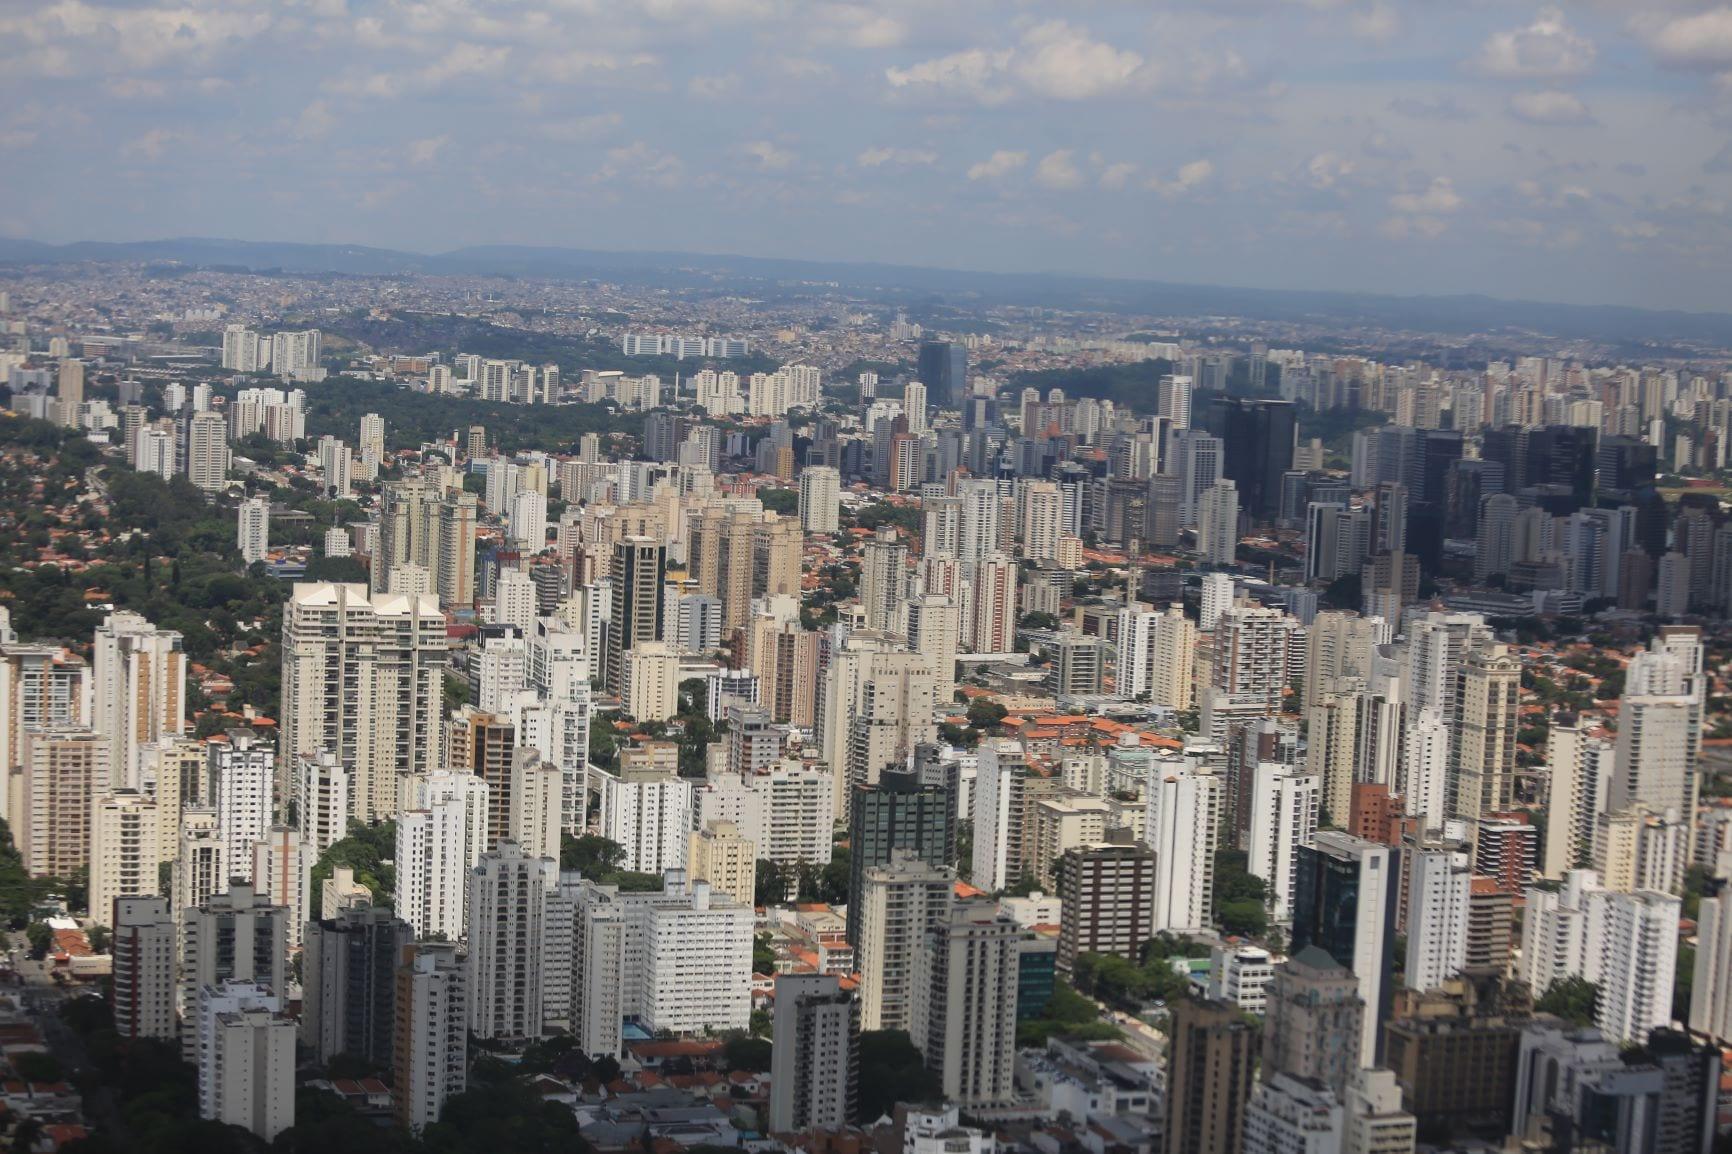 Vista aérea de imóveis em uma cidade